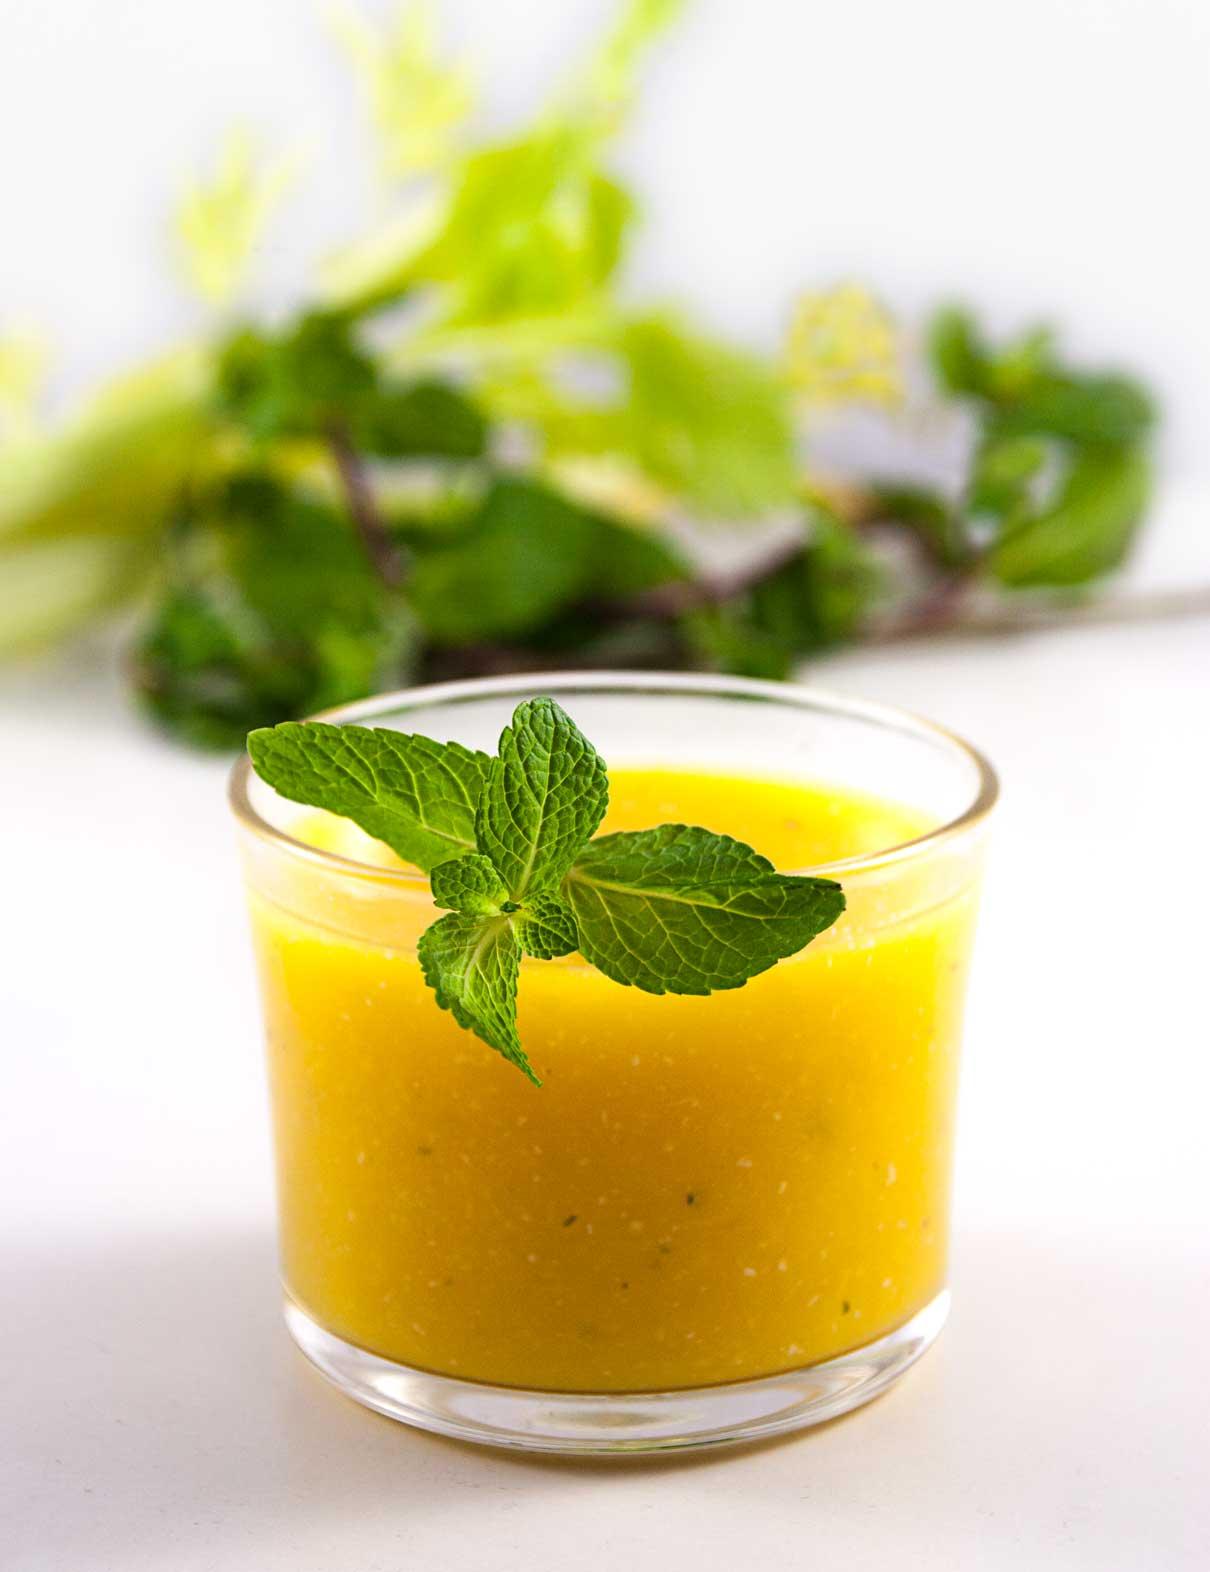 orange_celery_mint_lime_juice3